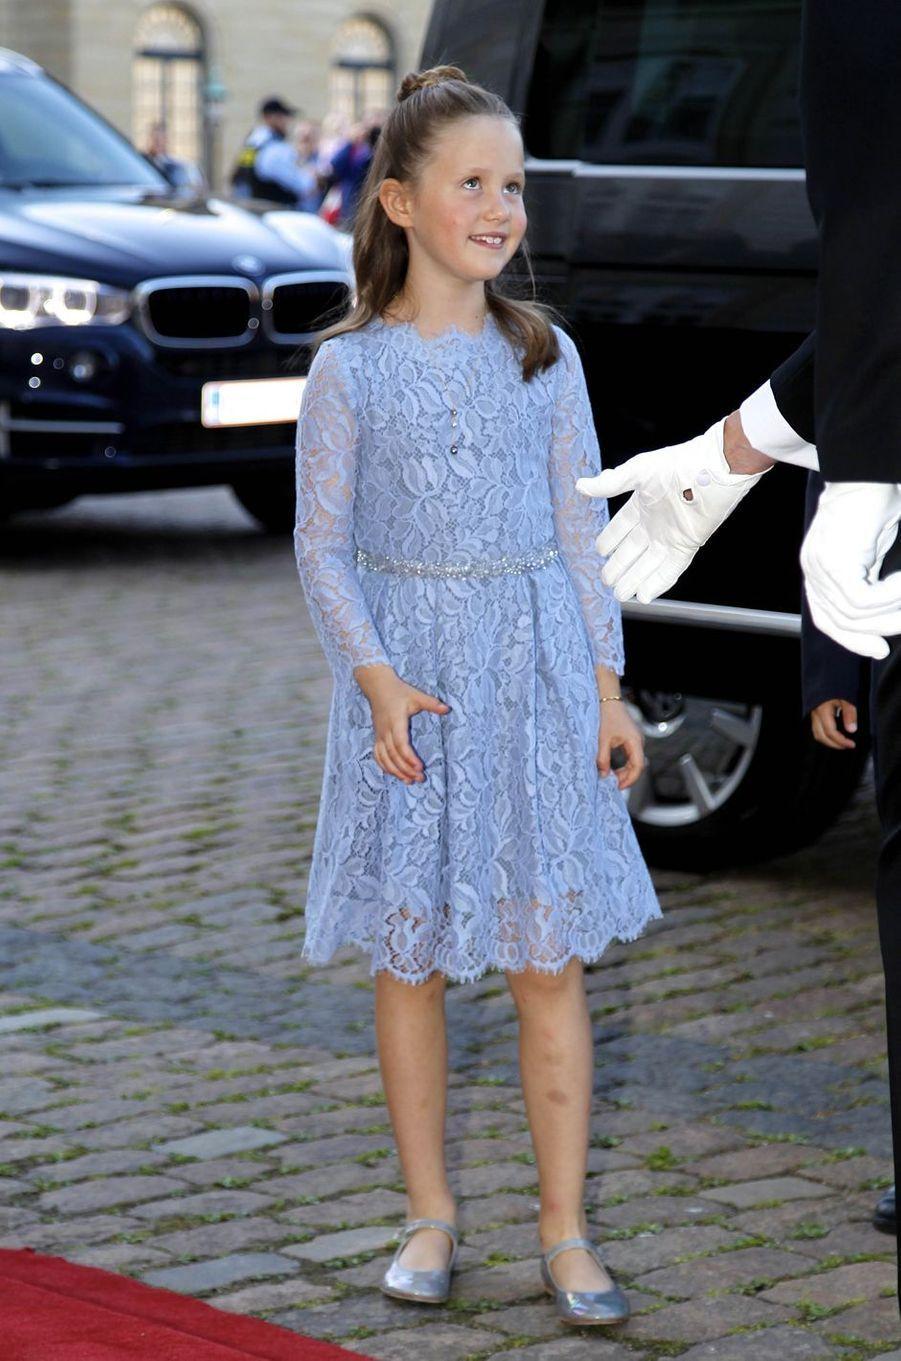 La princesse Josephine de Danemark à Copenhague, le 7 juin 2019